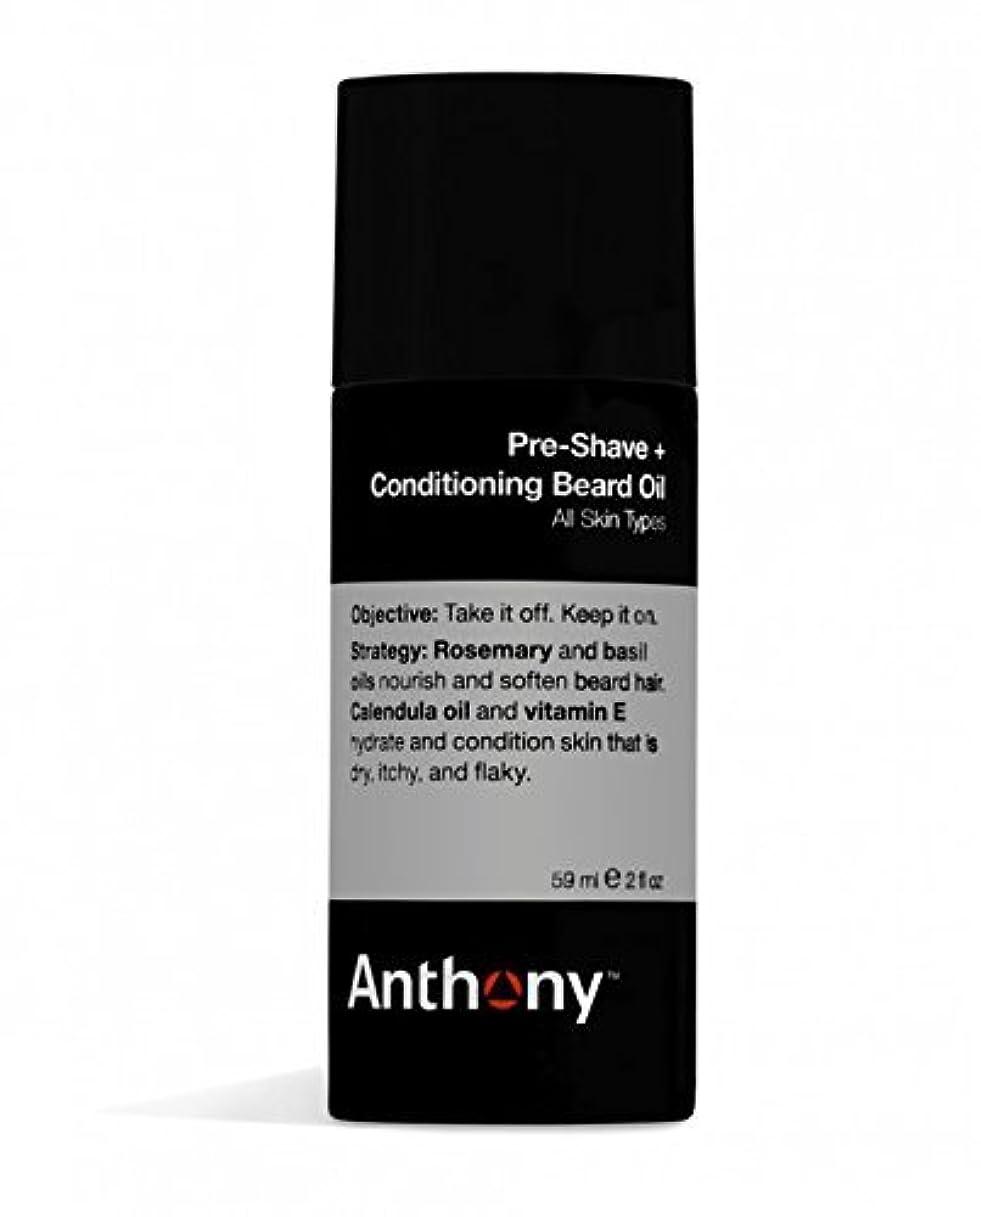 カナダつぶやきバウンスAnthony Pre-Shave and Conditioning Beard Oil, 2 oz [並行輸入品]